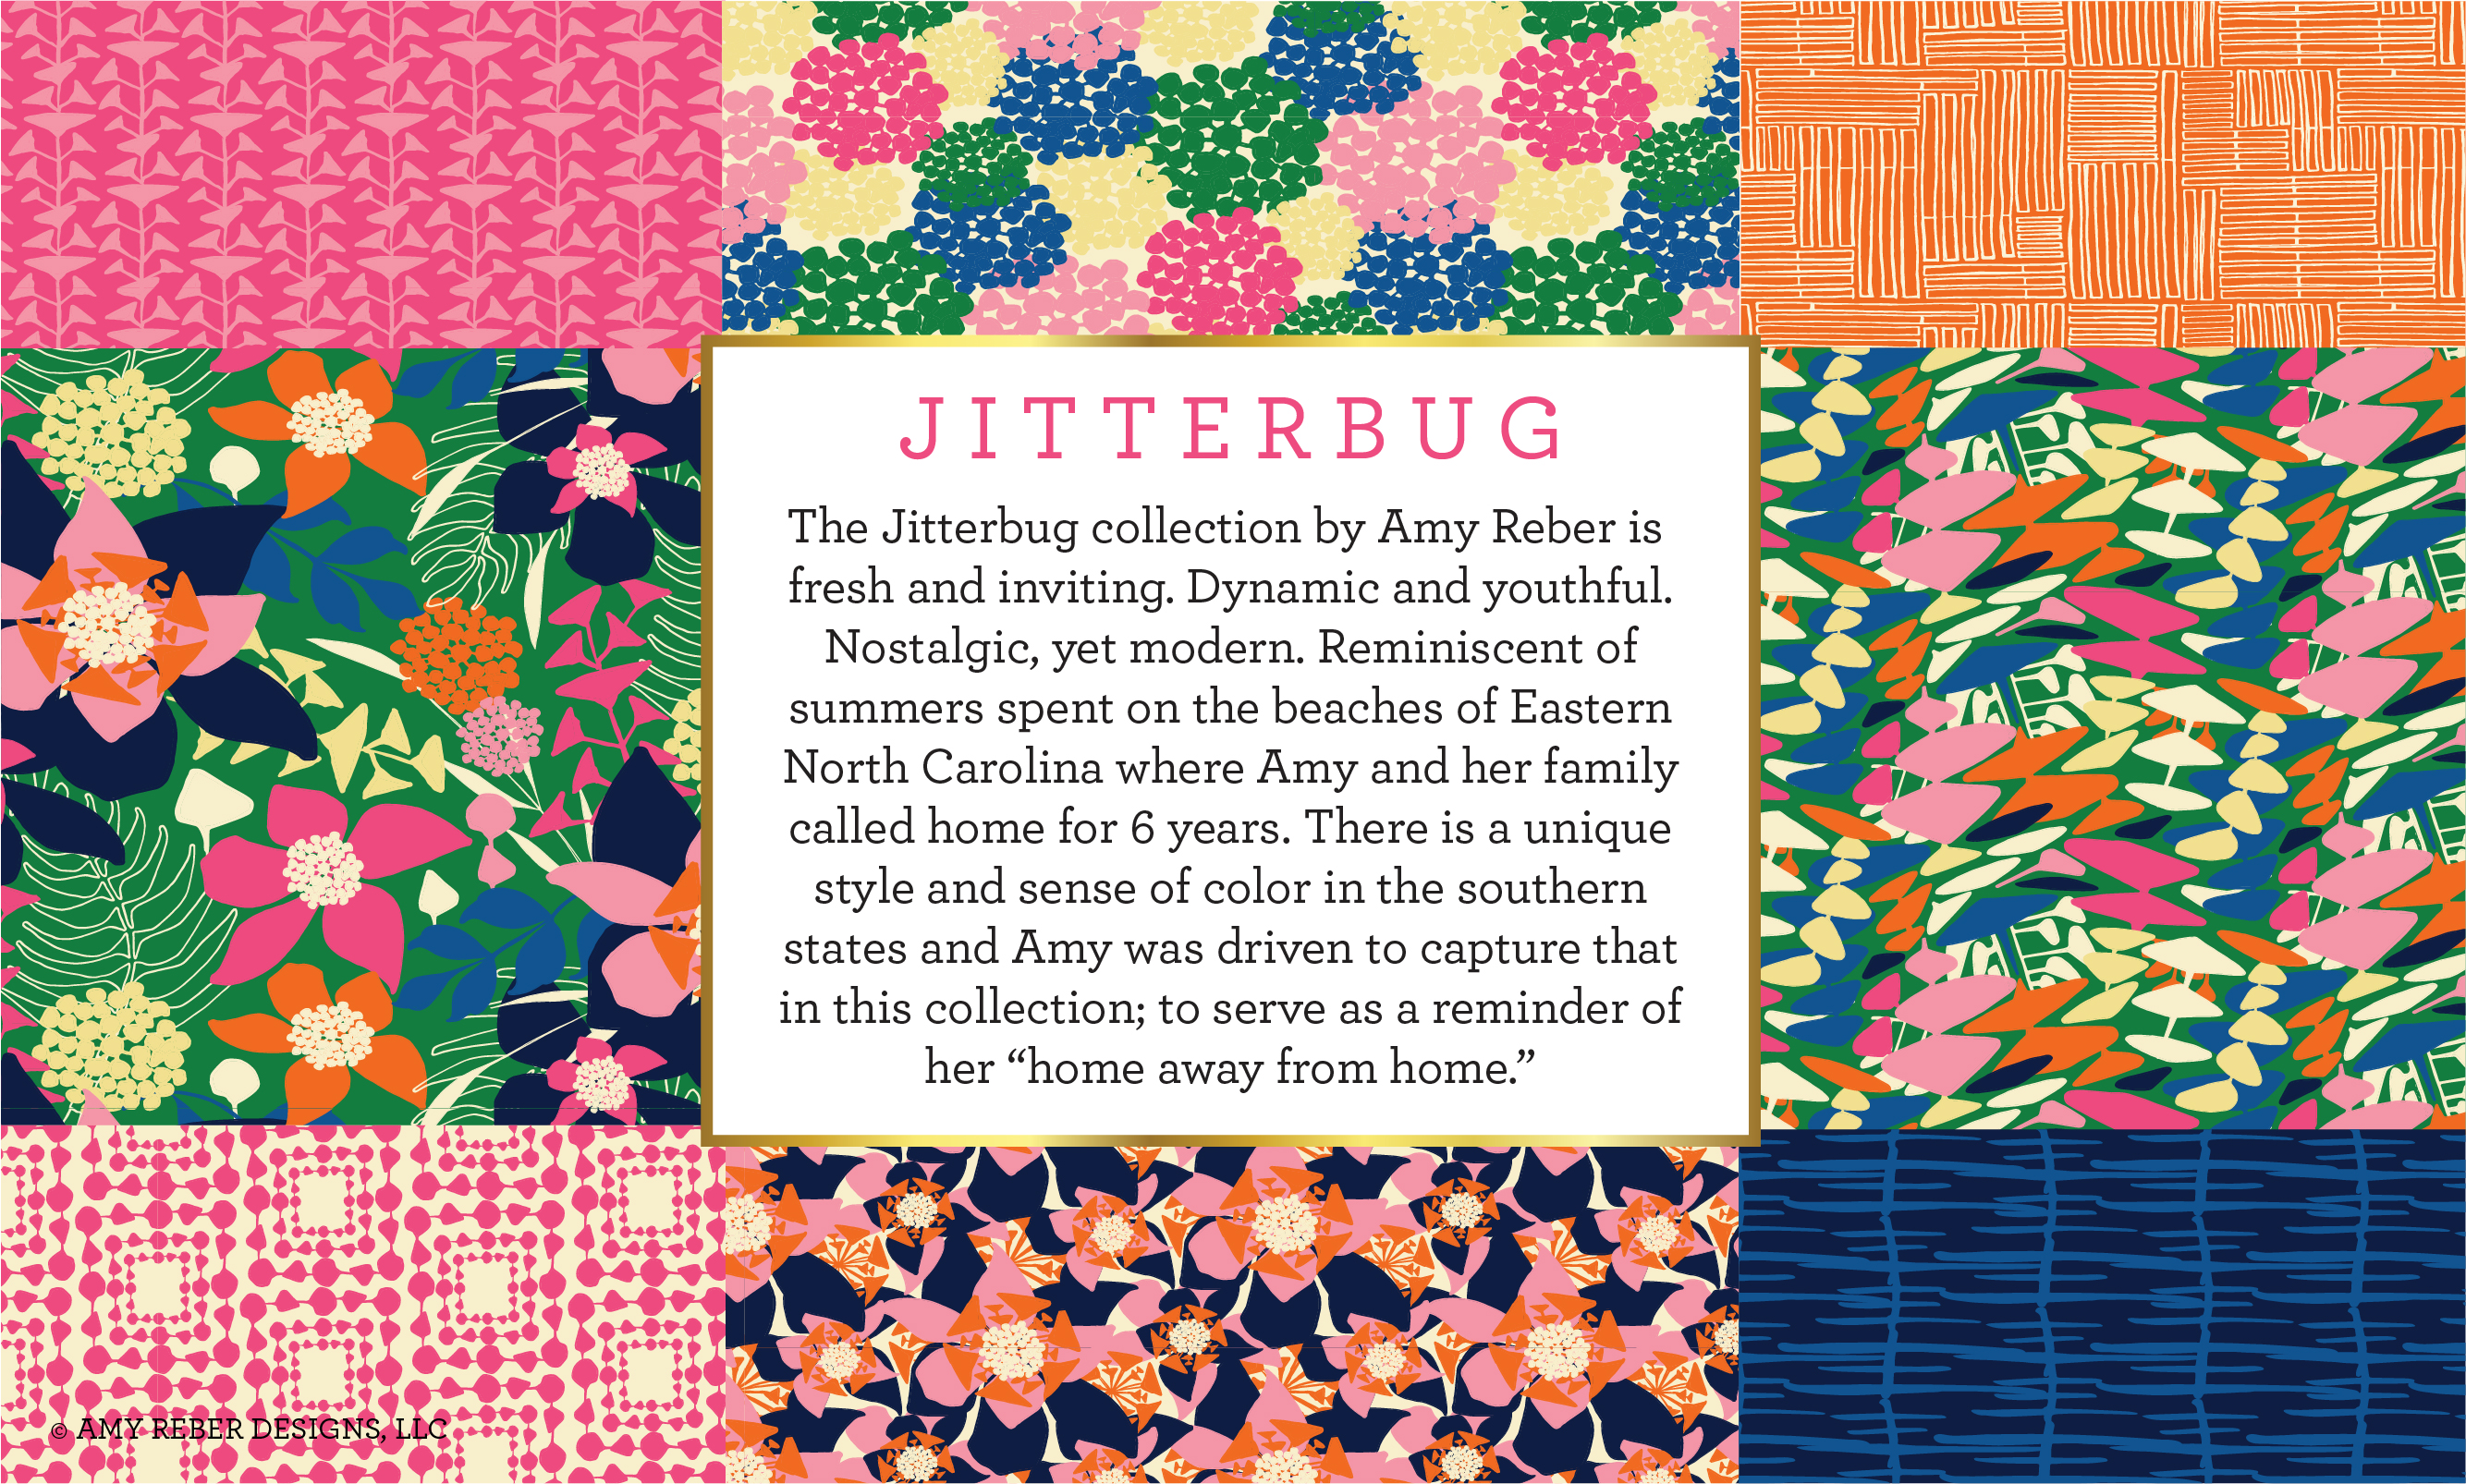 JITTERBUG-PAGE2-AMYREBER-01-01-01